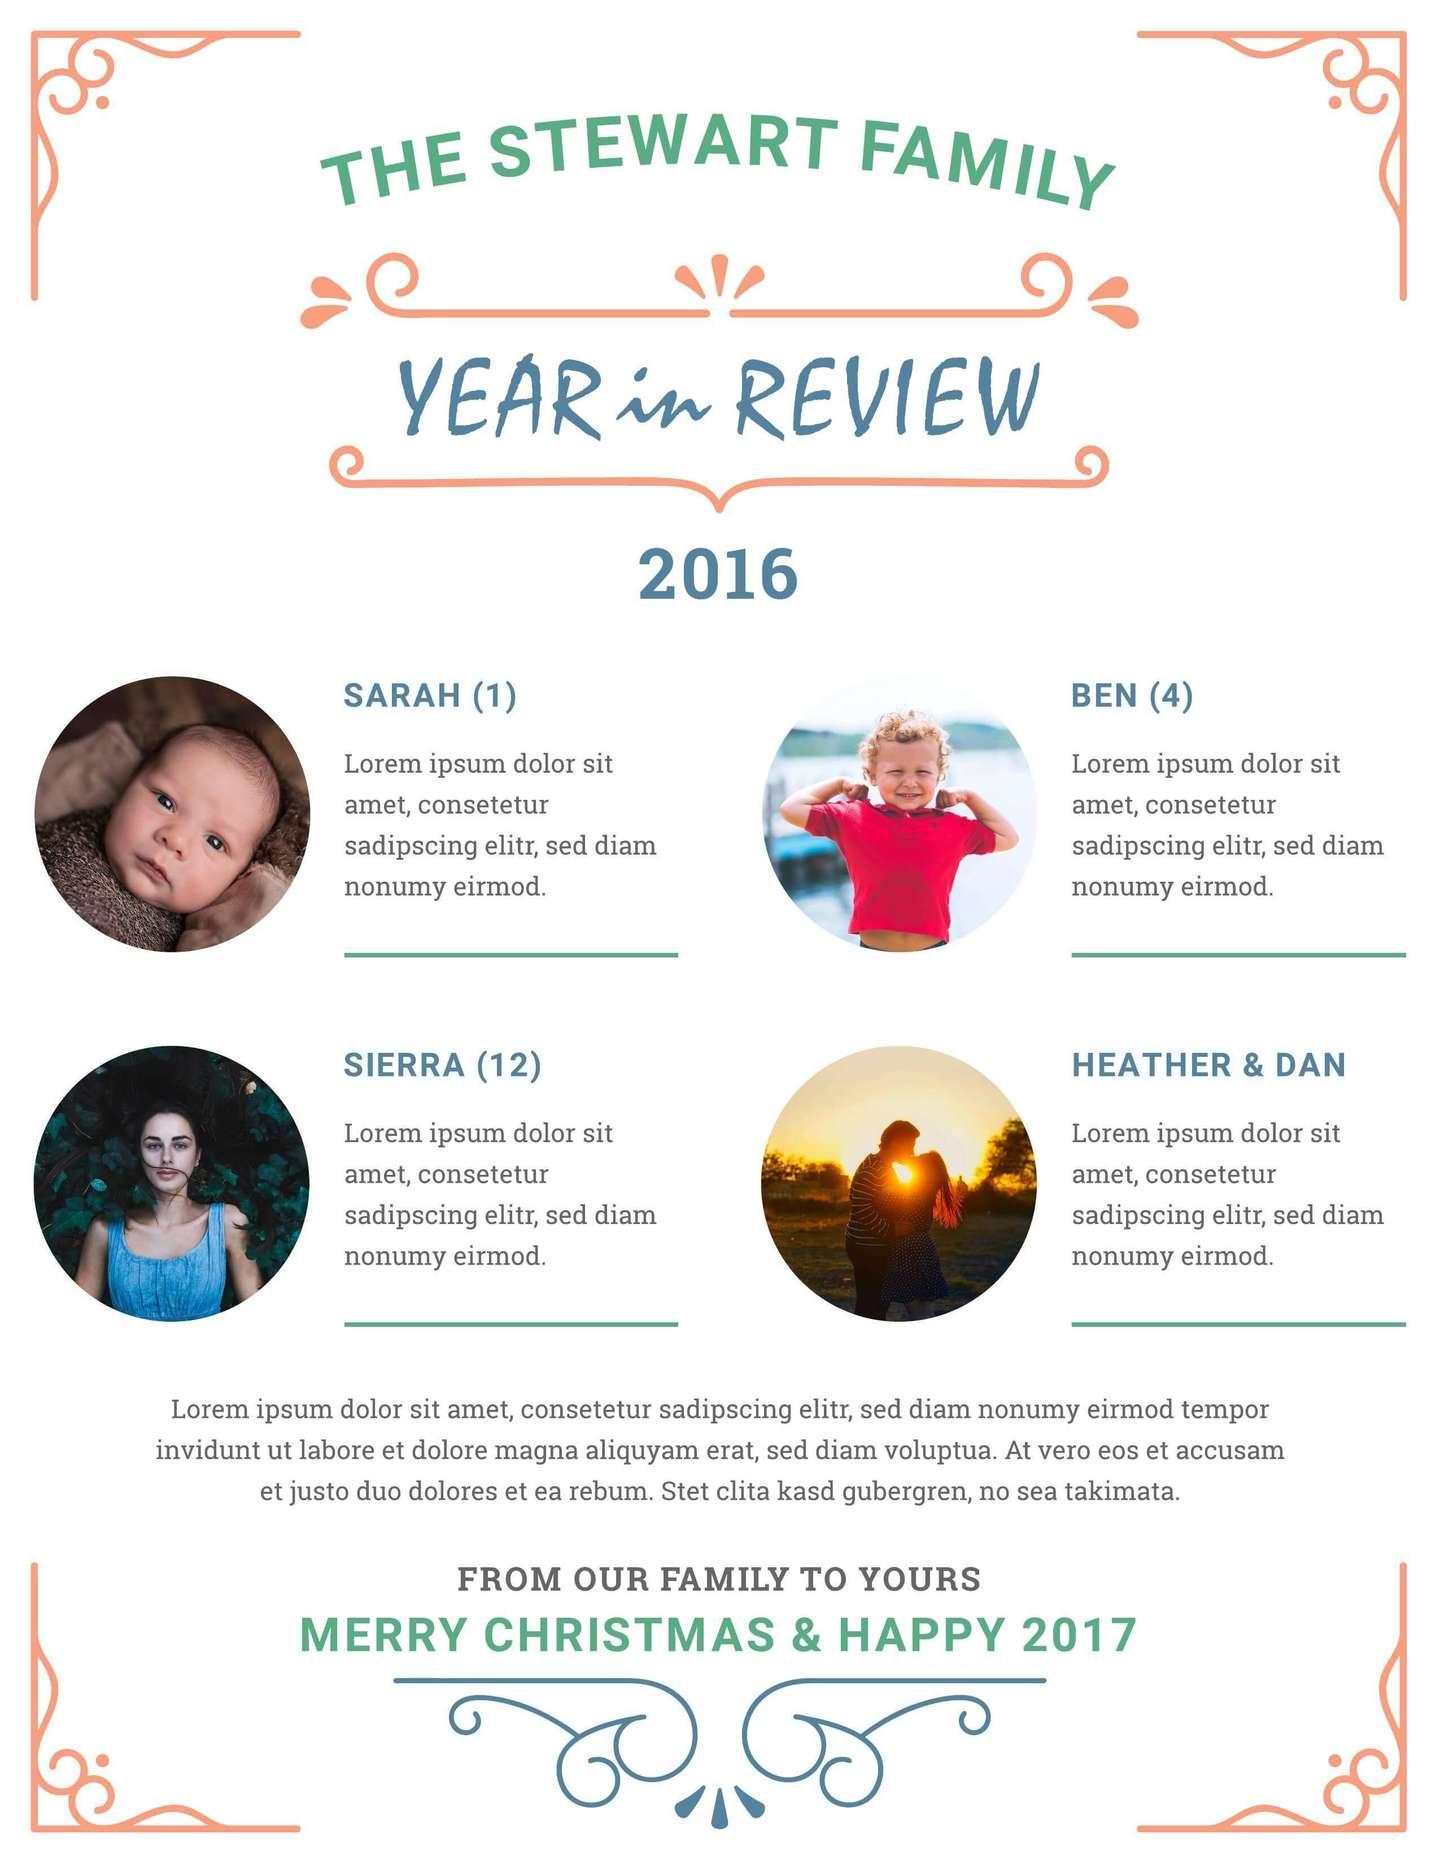 printable family newsletter